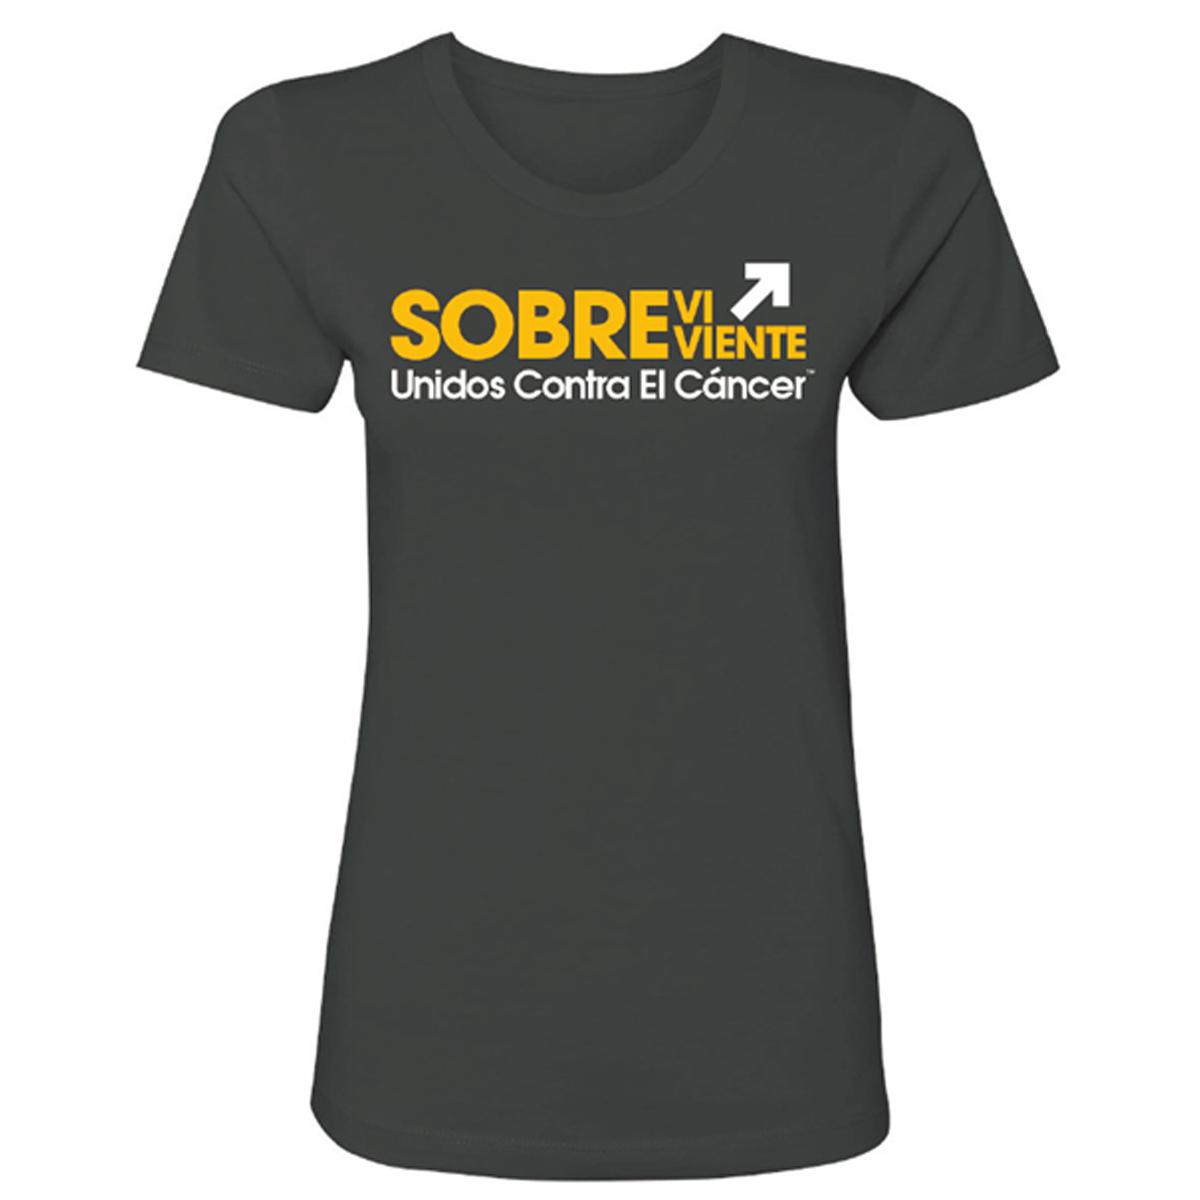 SU2C Sobreviviente Women's T-shirt